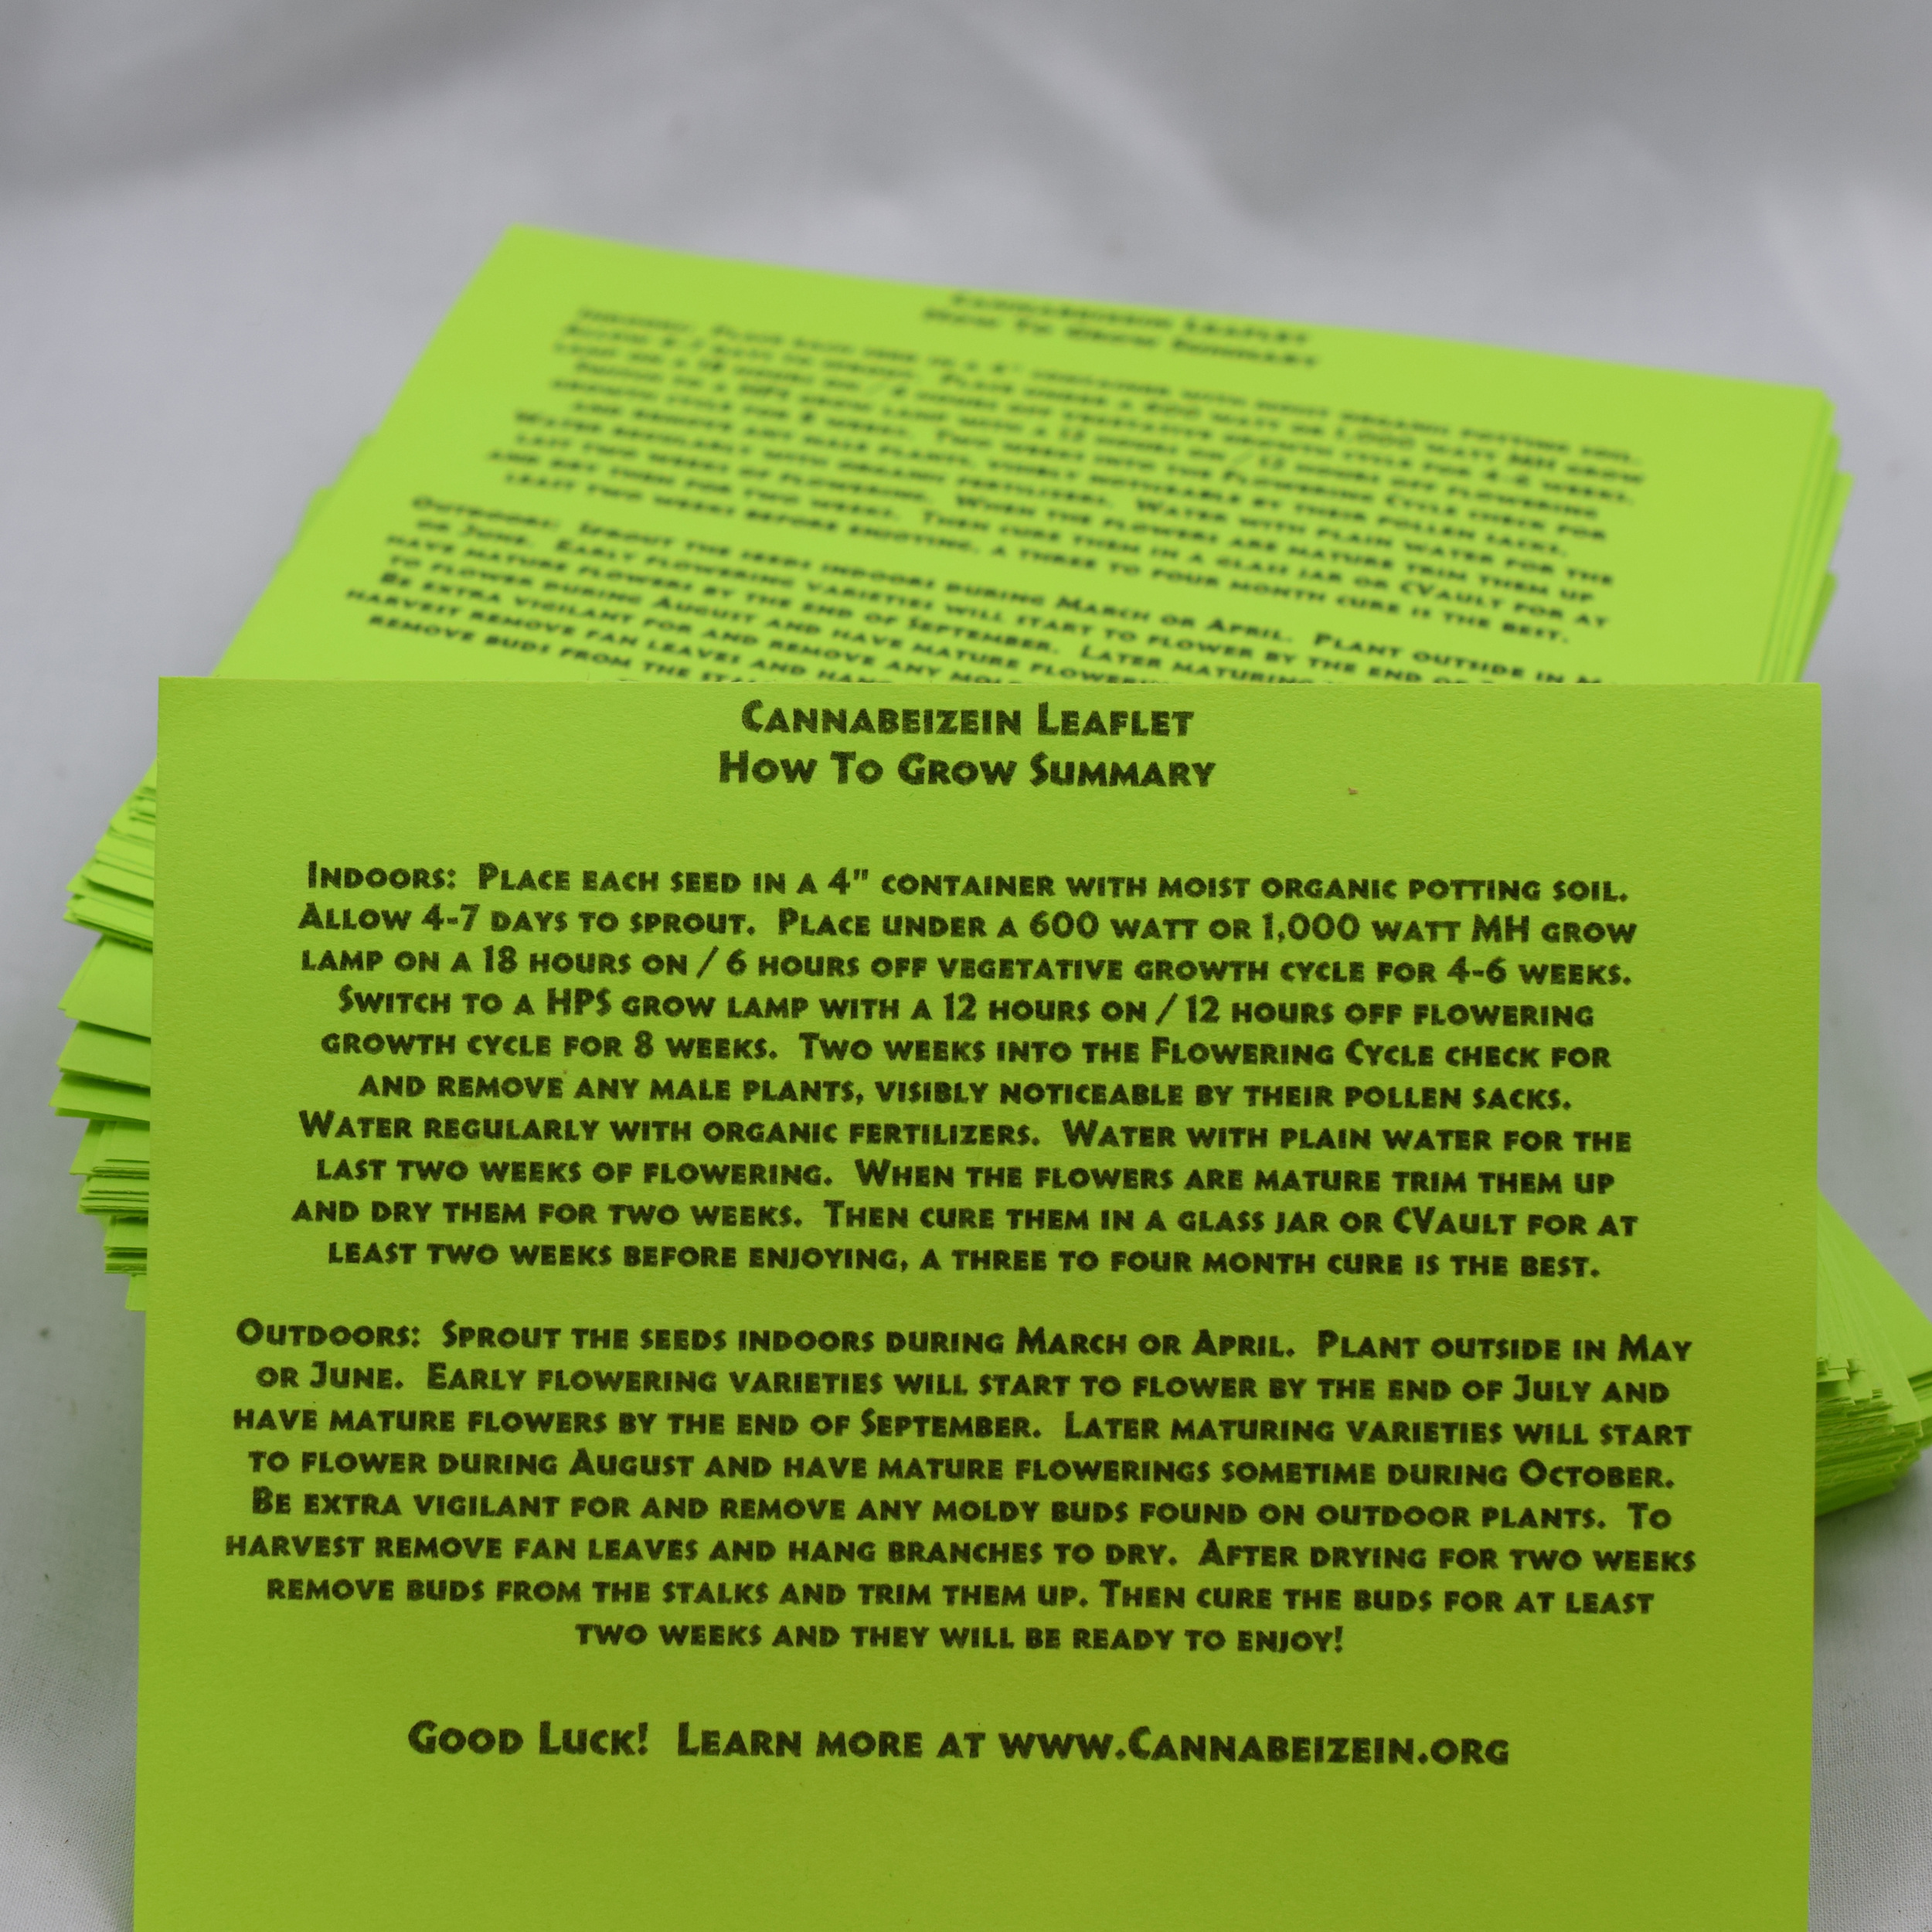 Cannabeizein 0184 - Leaflet - DSC_0053.jpg